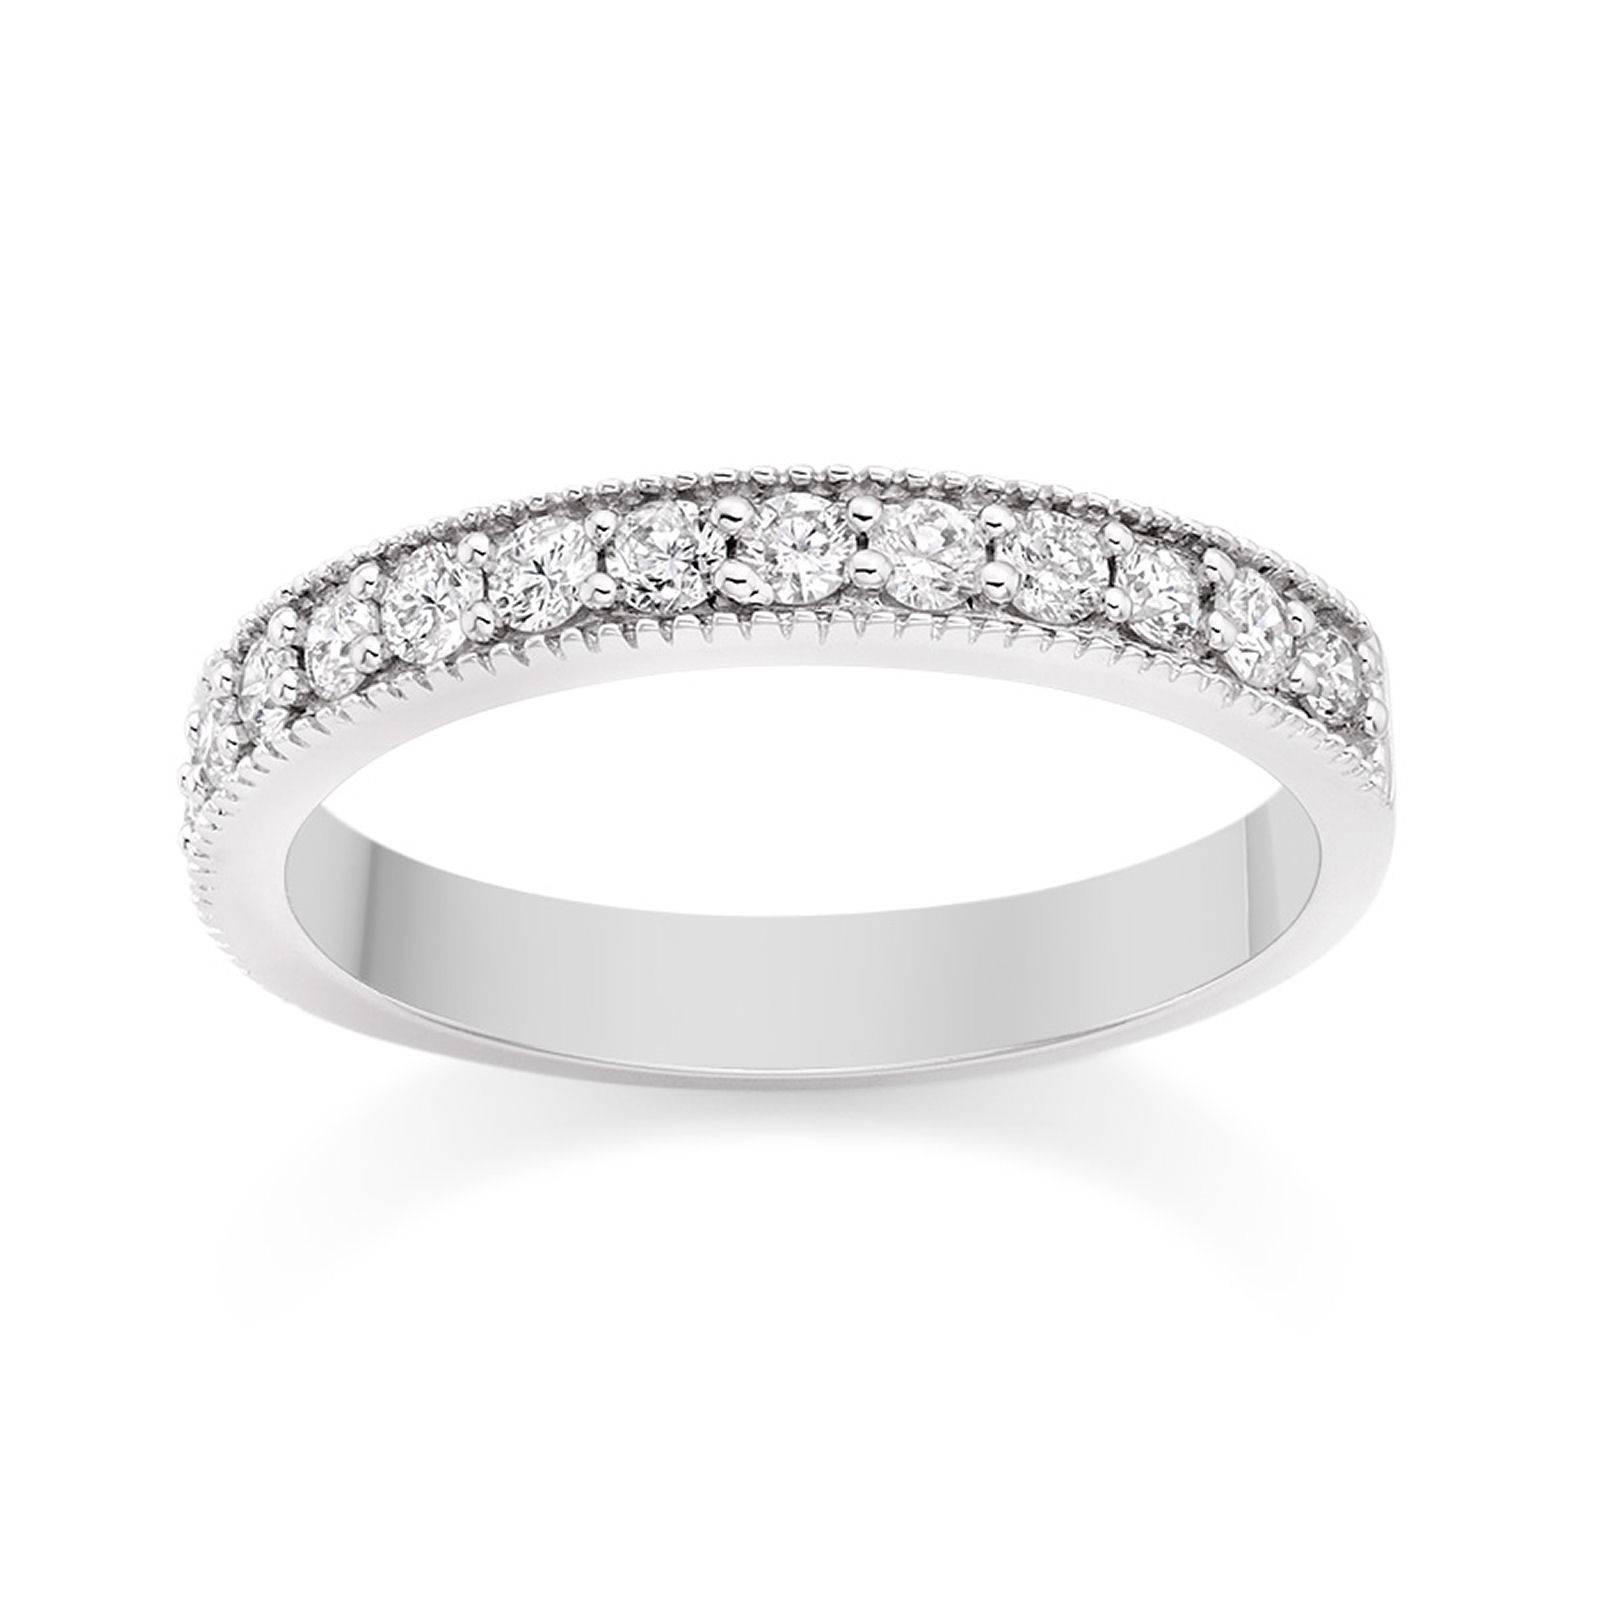 Milgrain Diamond Wedding Ring In Platinum Wedding Dress From With Diamond And Platinum Wedding Rings (View 11 of 15)